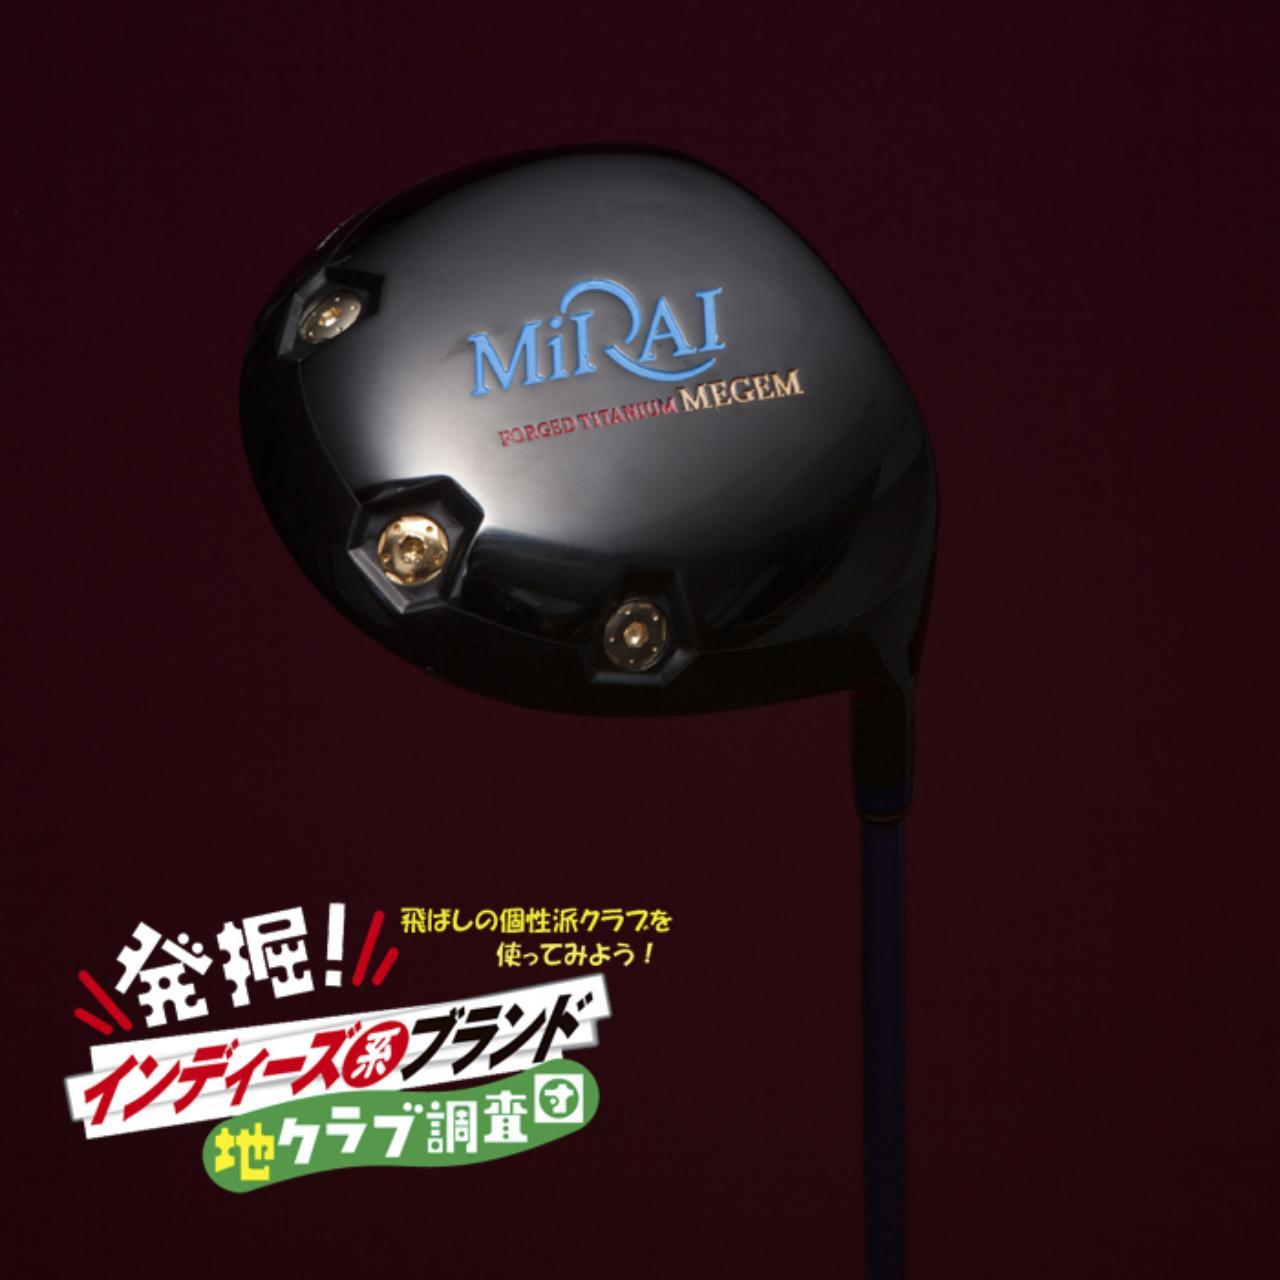 画像: 地クラブ調査隊 ミライ MEGEMドライバー ゴルフダイジェスト公式通販サイト「ゴルフポケット」